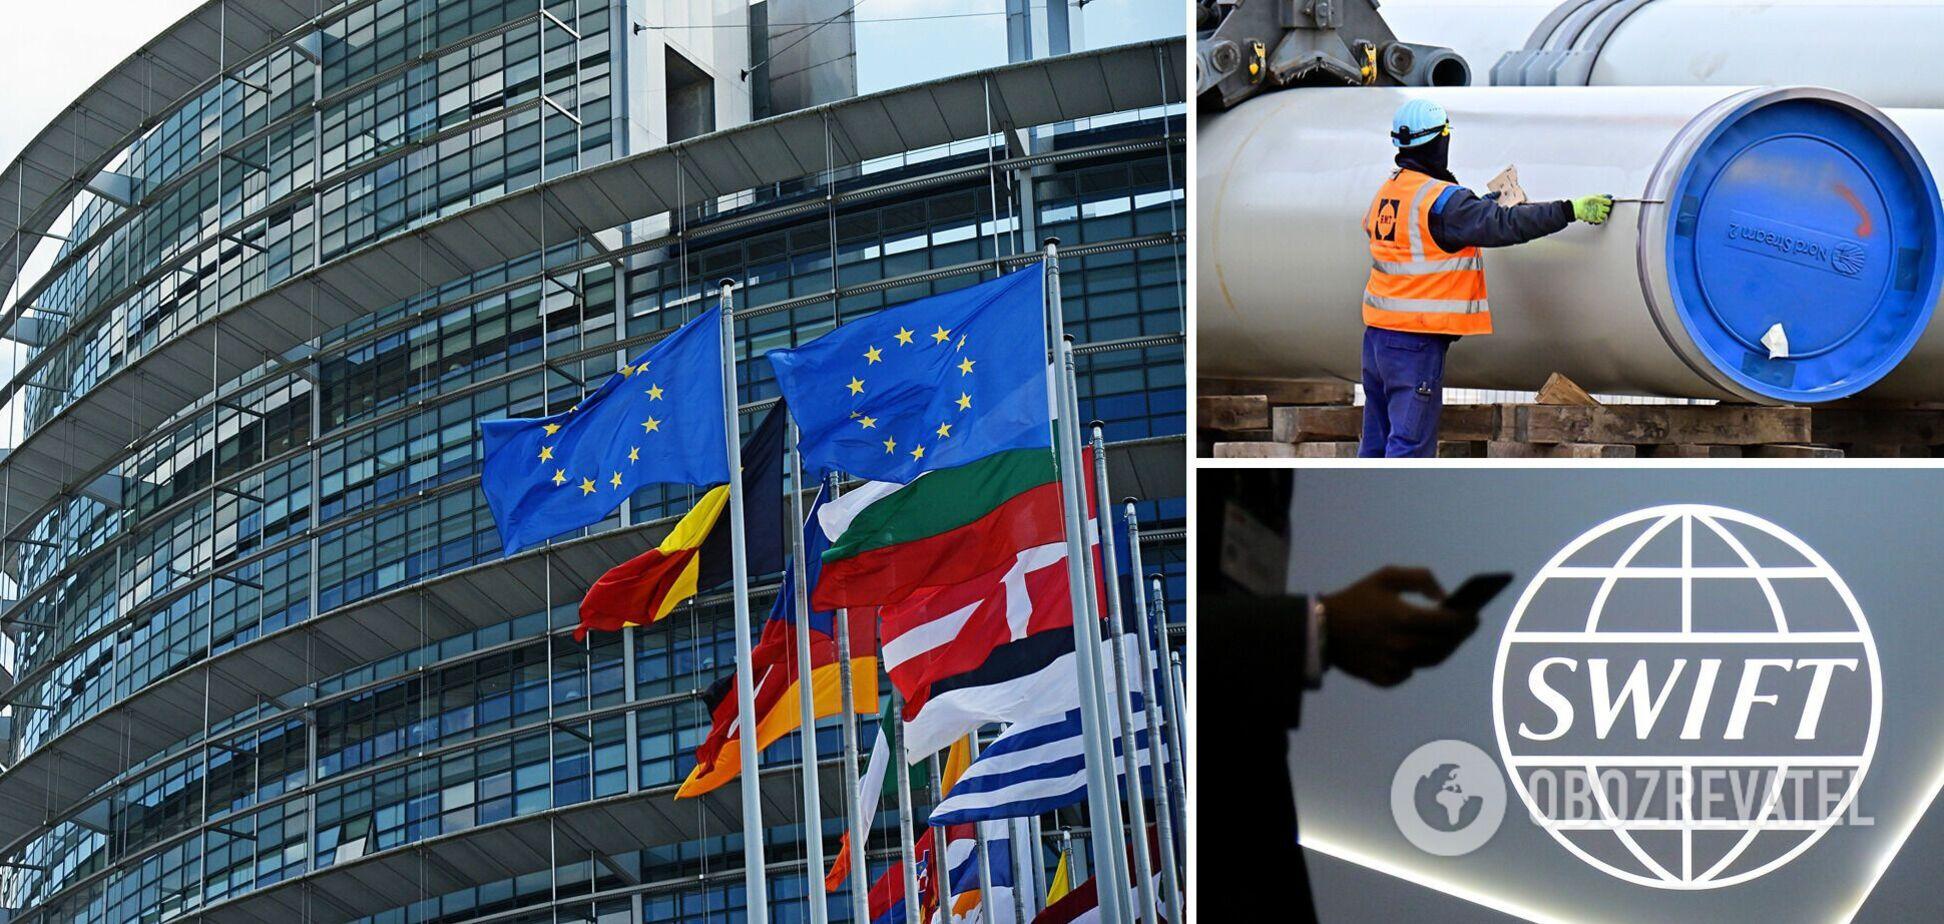 У ЄС попередили, що можуть від'єднати Росію від SWIFT: чи призведе до колапсу економіки РФ